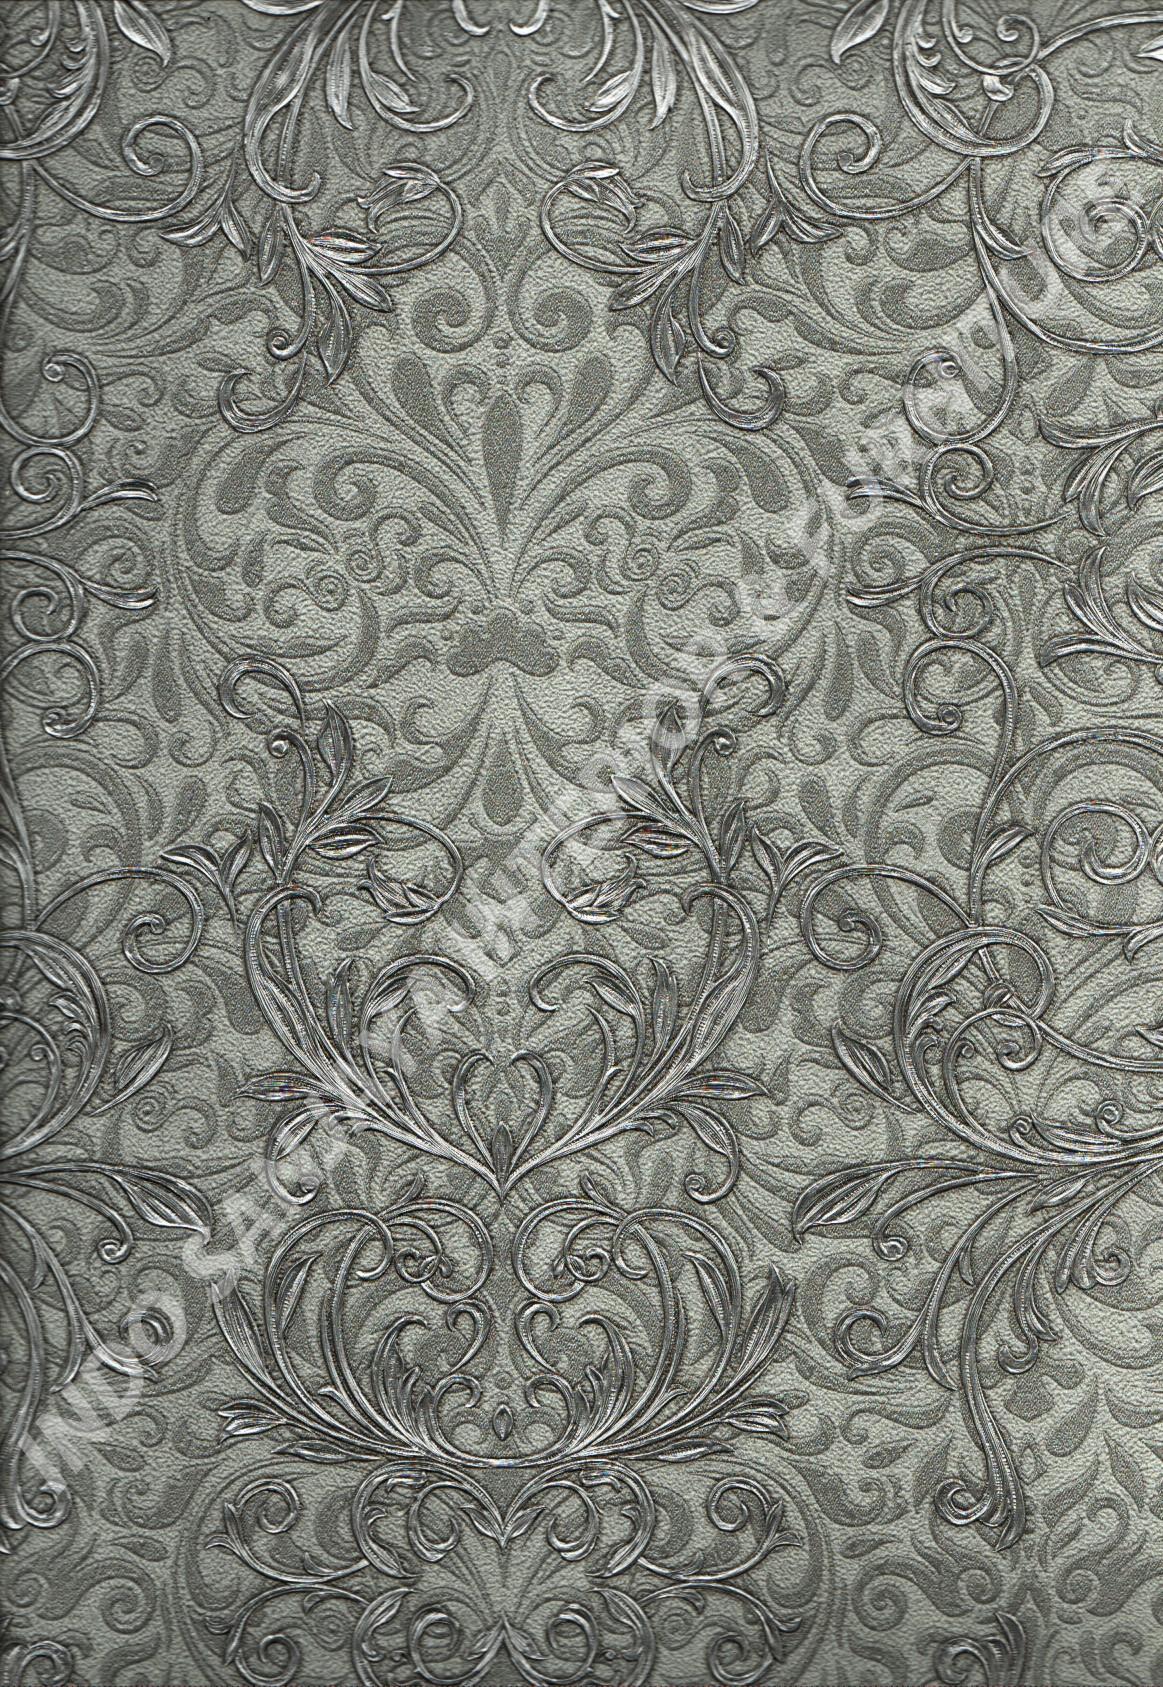 wallpaper   Wallpaper Bunga 11014:11014 corak  warna